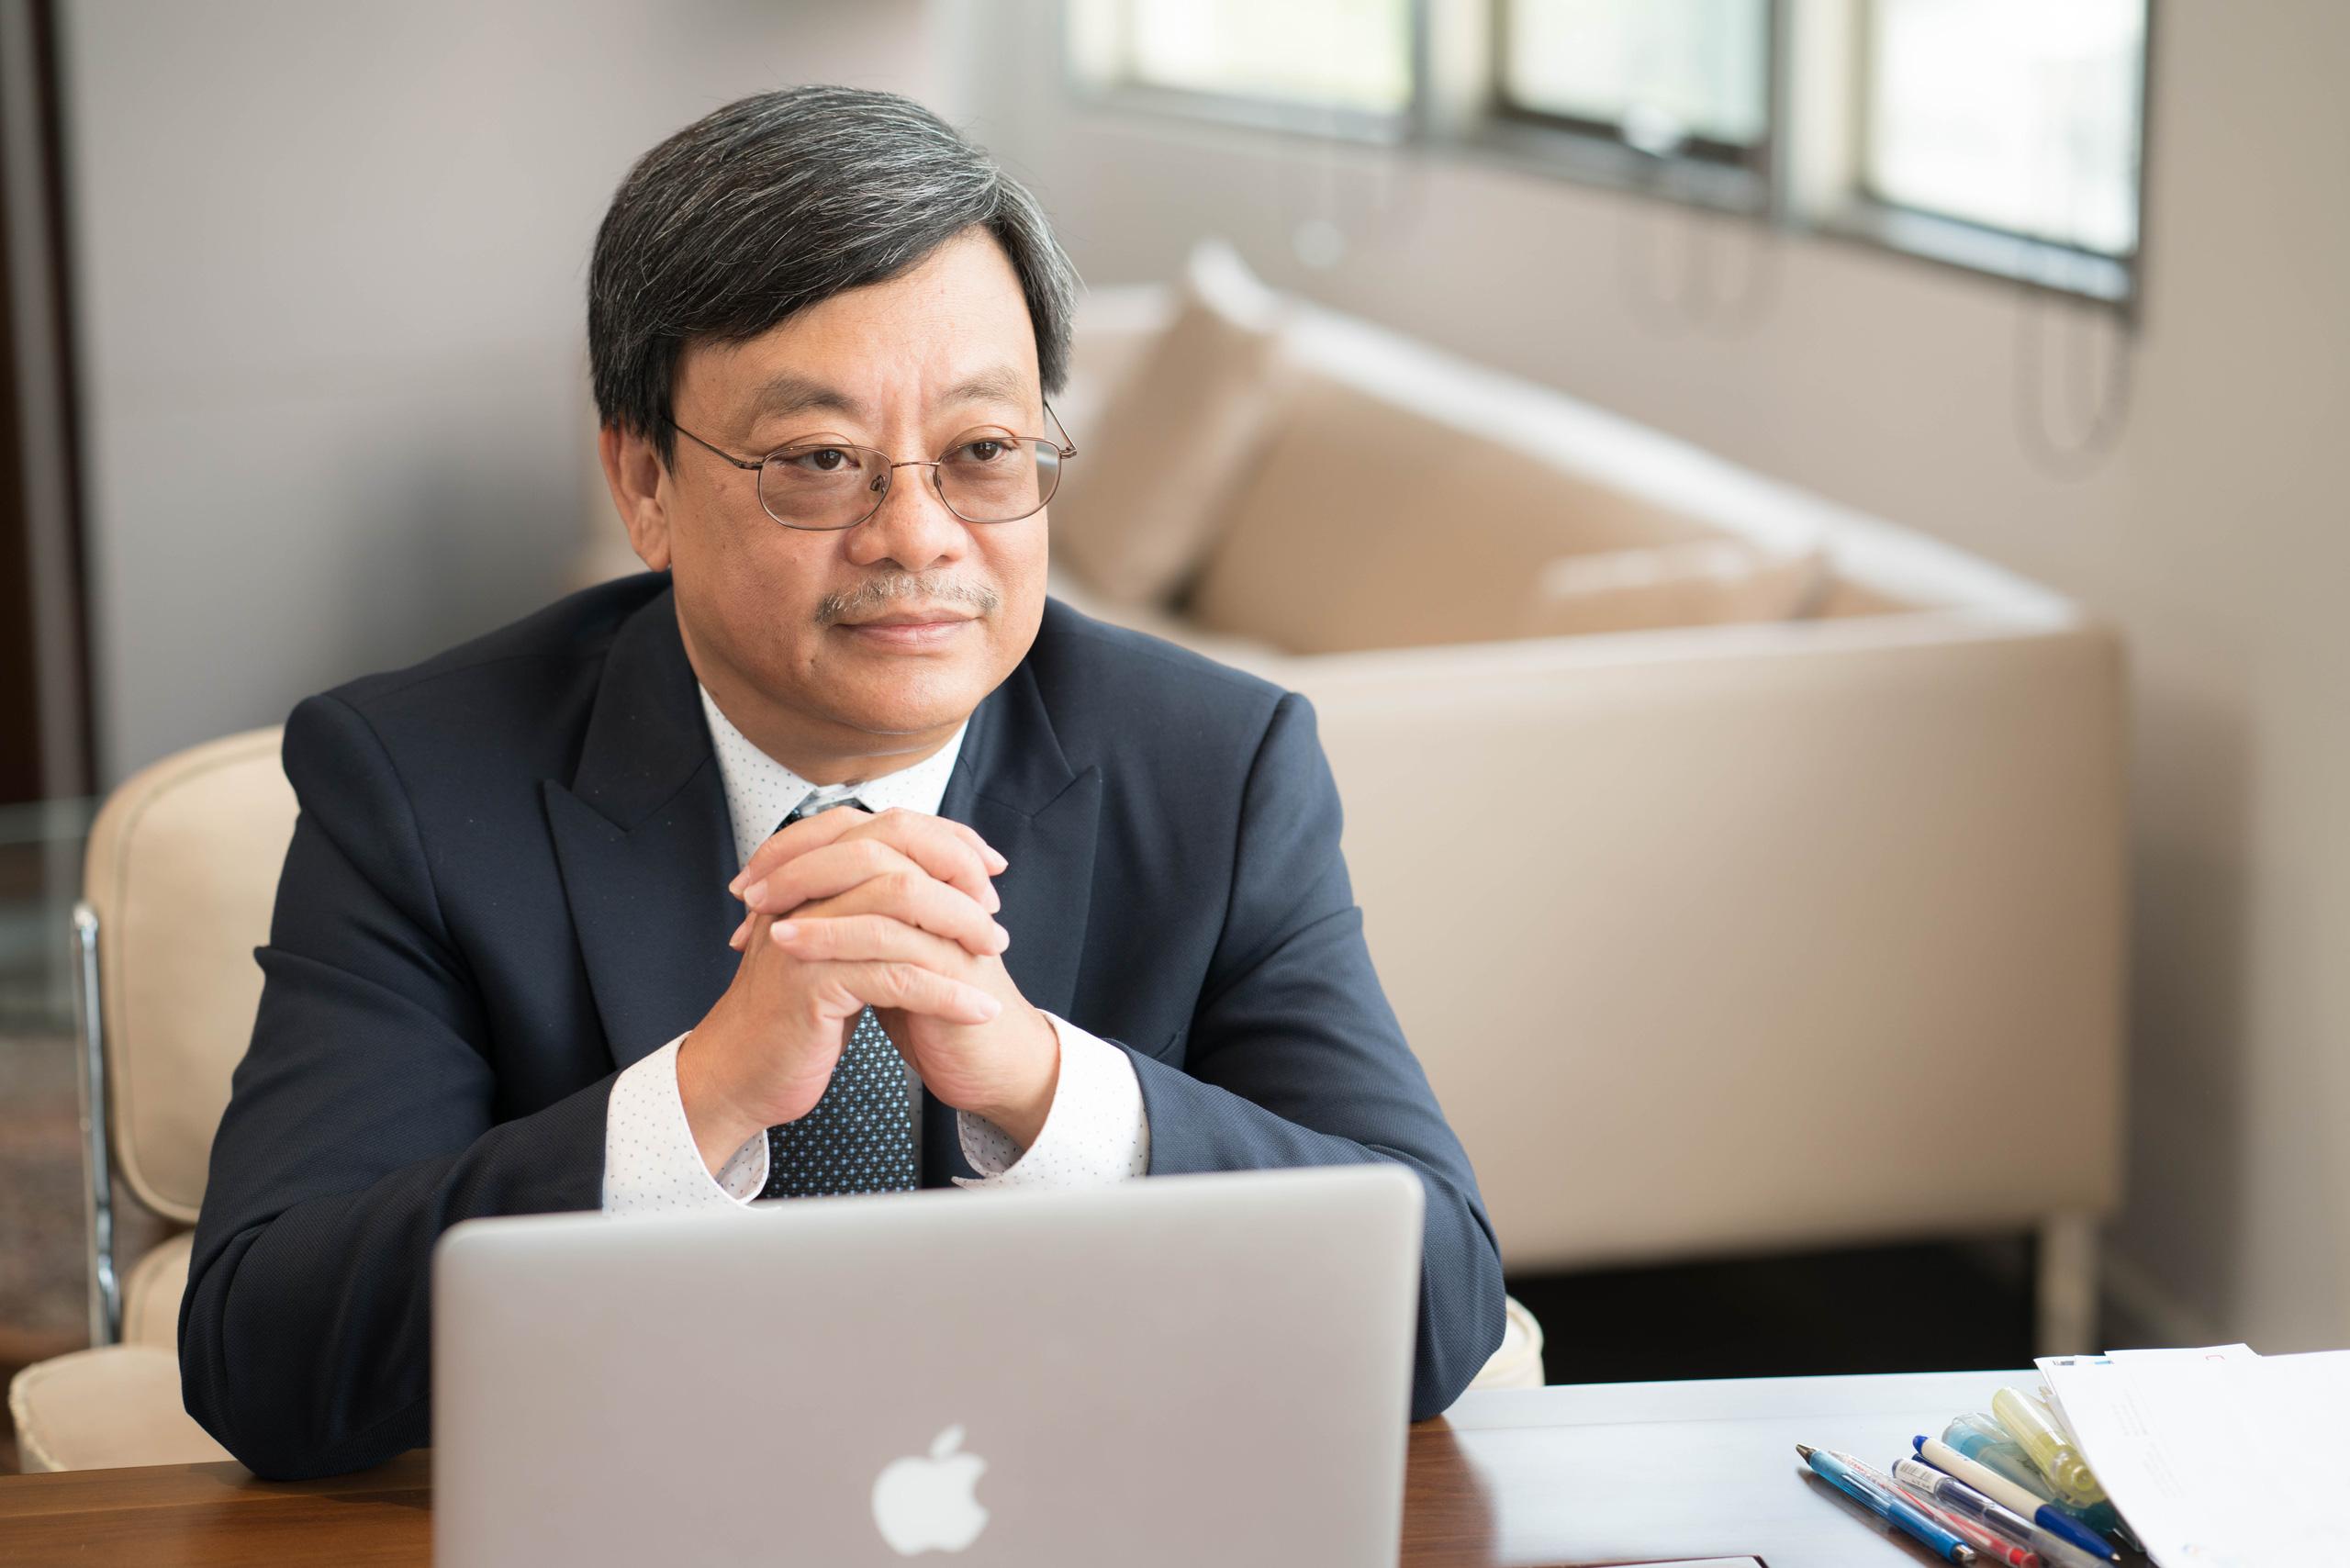 Masan Group hoàn thành mục tiêu kinh doanh 2020, kế hoạch doanh thu tăng 20-40% năm 2021 - Ảnh 4.